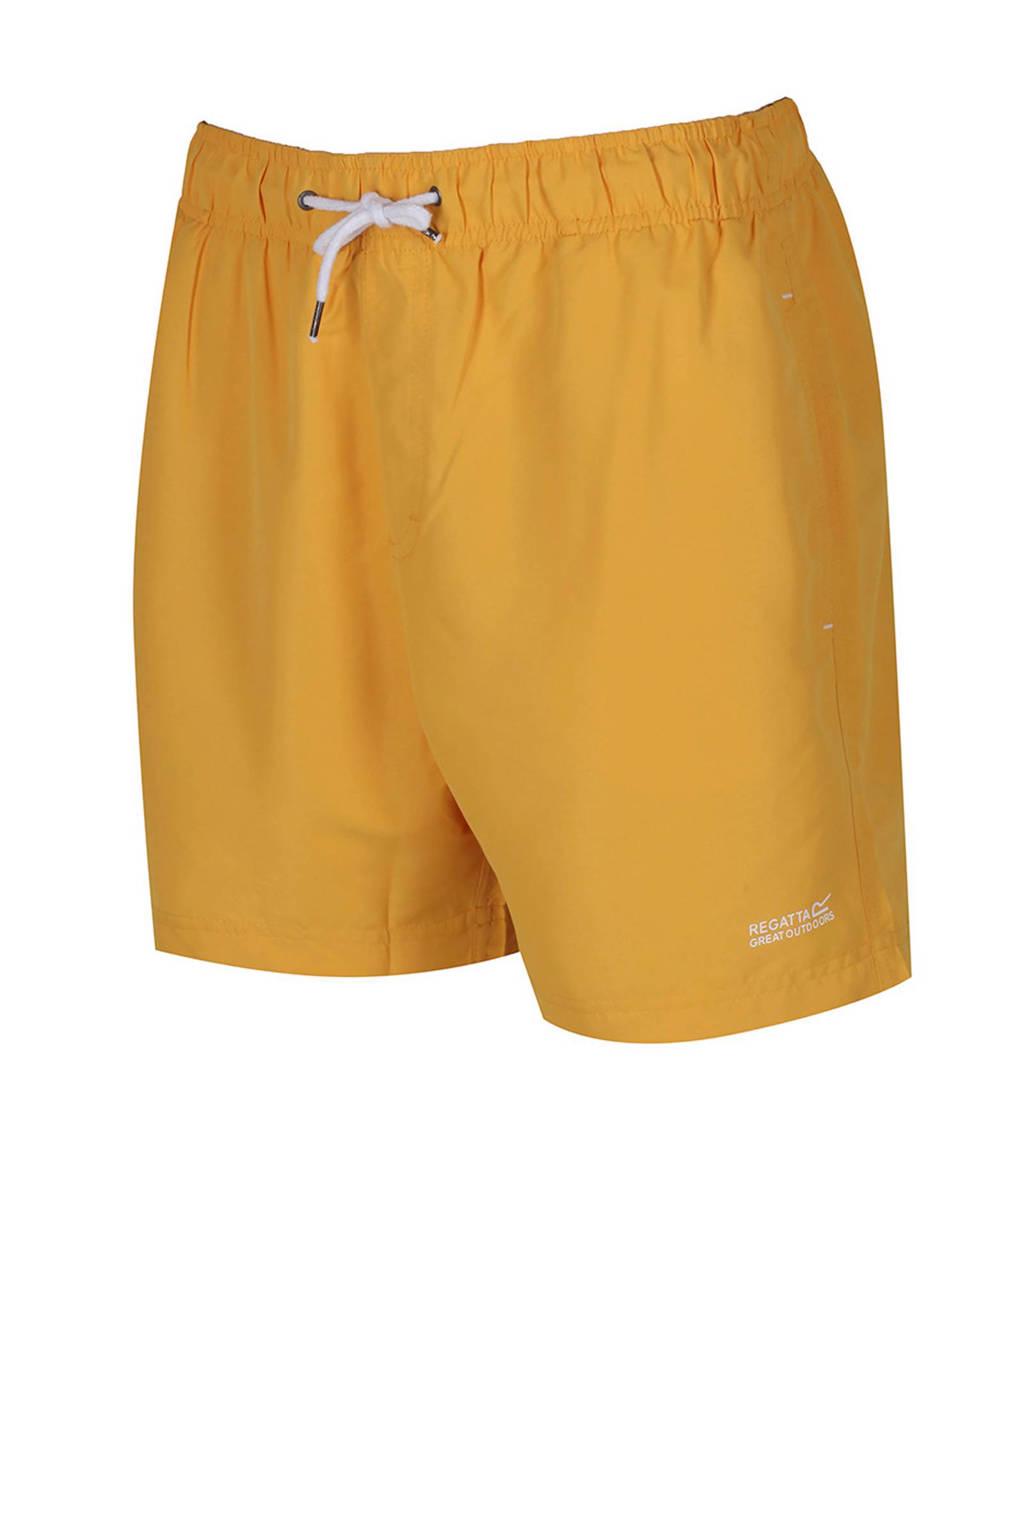 Regatta Mawson zwemshort geel, Geel